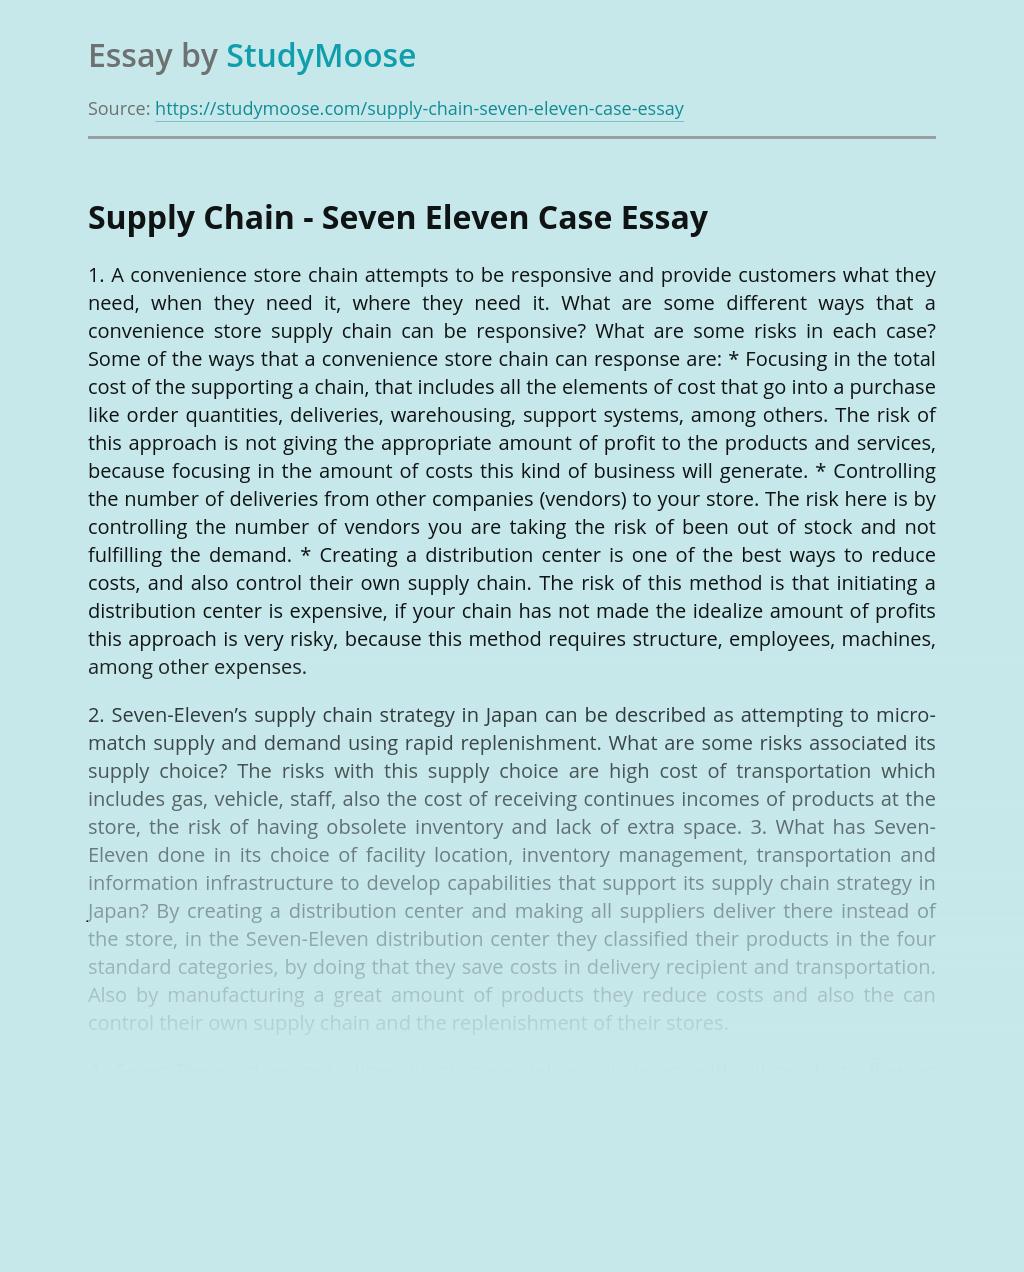 Supply Chain - Seven Eleven Case